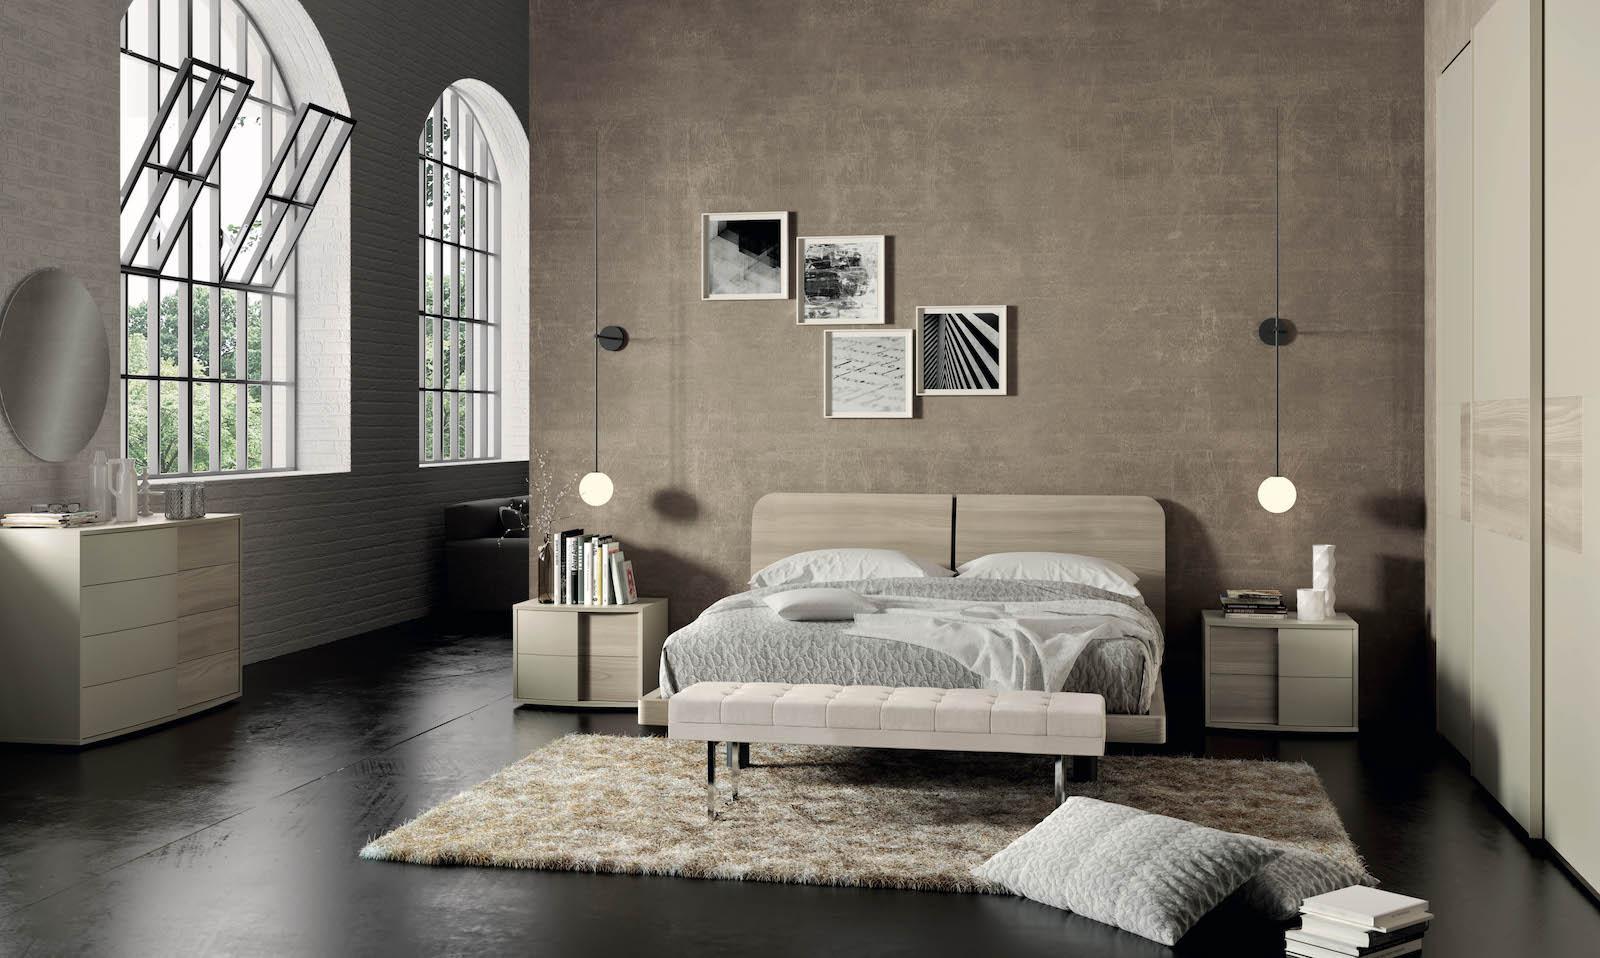 Camere Da Letto Matrimoniali Moderne camere da letto moderne vitality sogno - rilievo [fraz. di